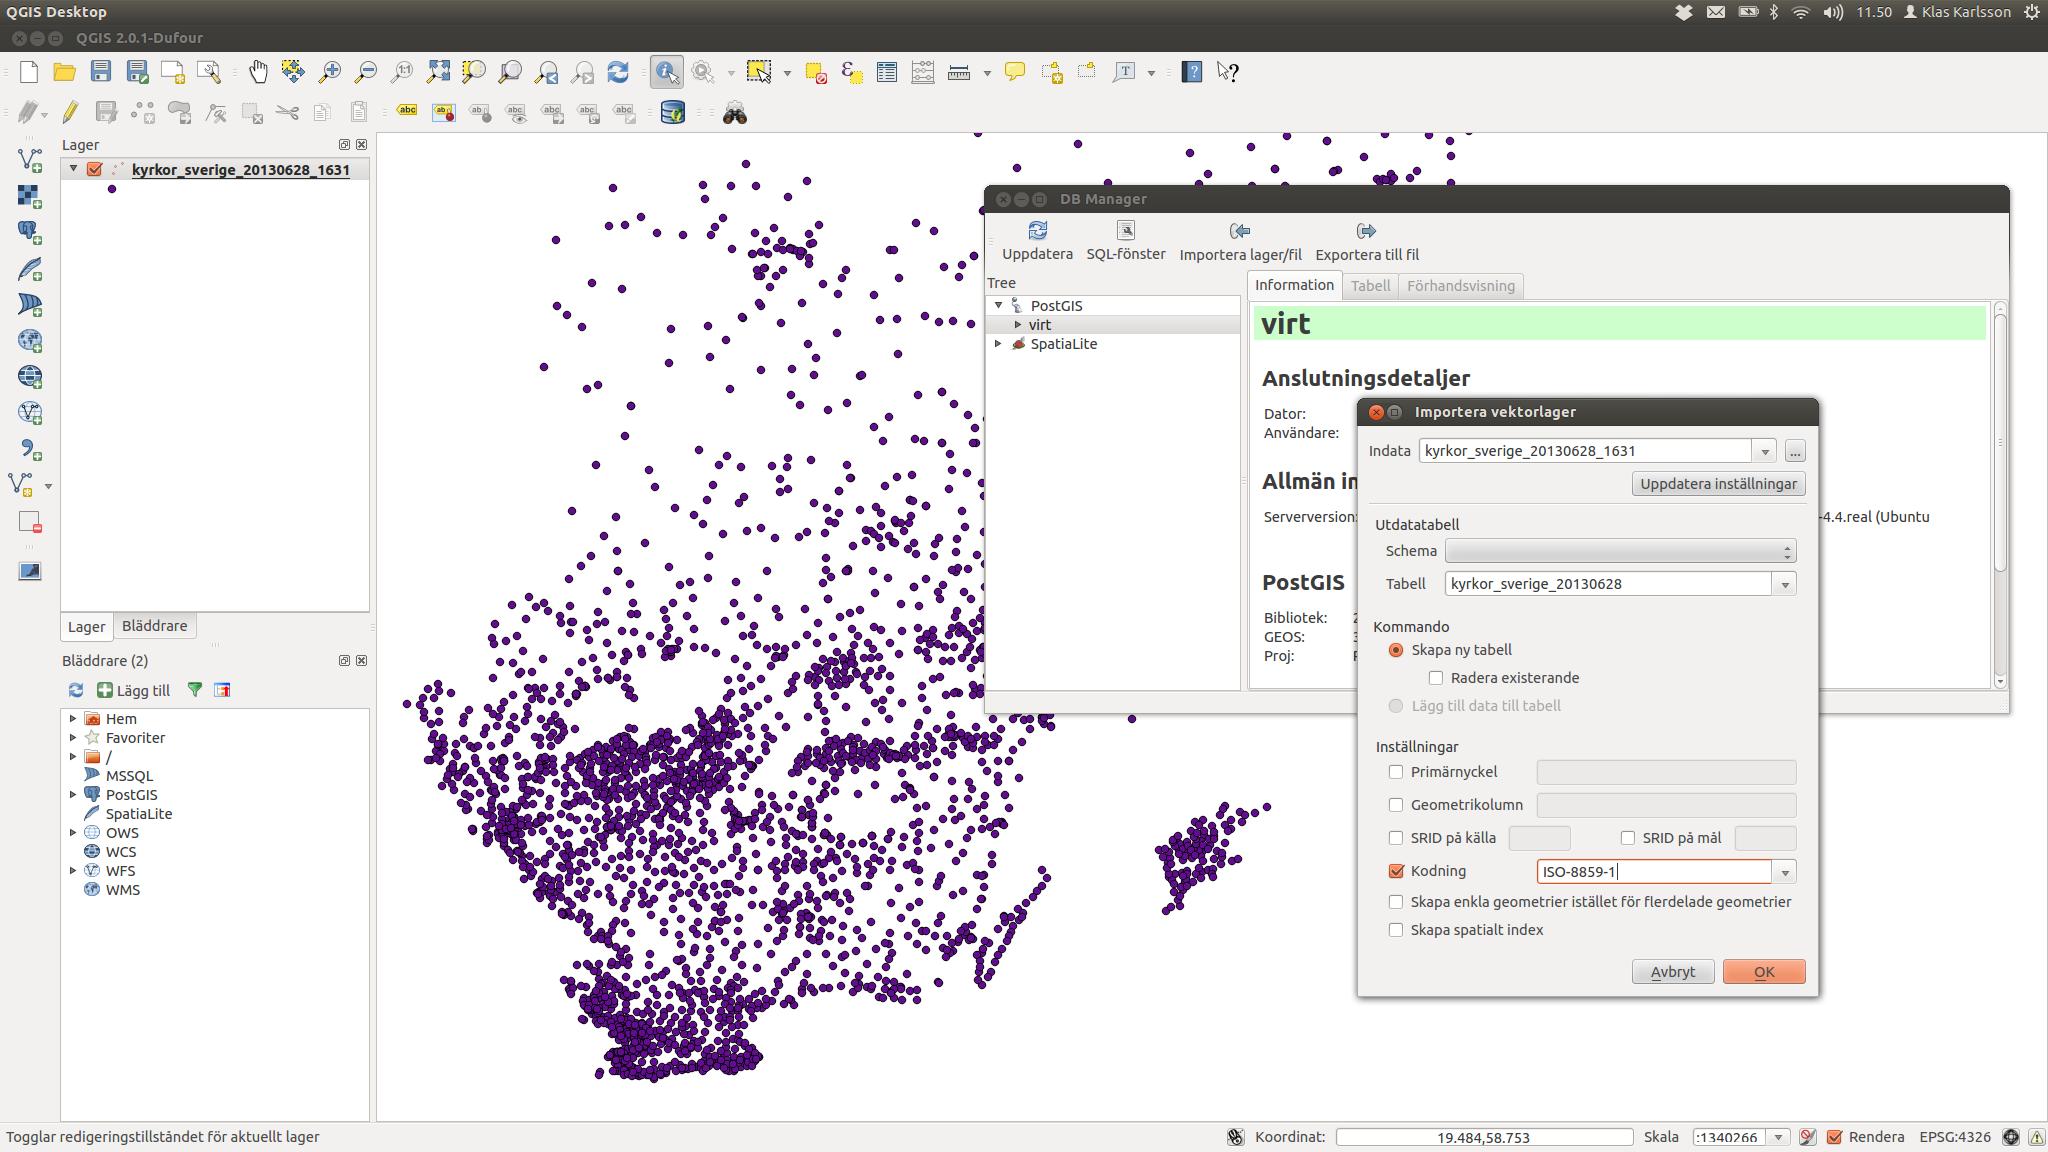 Skärmbild från 2013-10-13 11:50:33